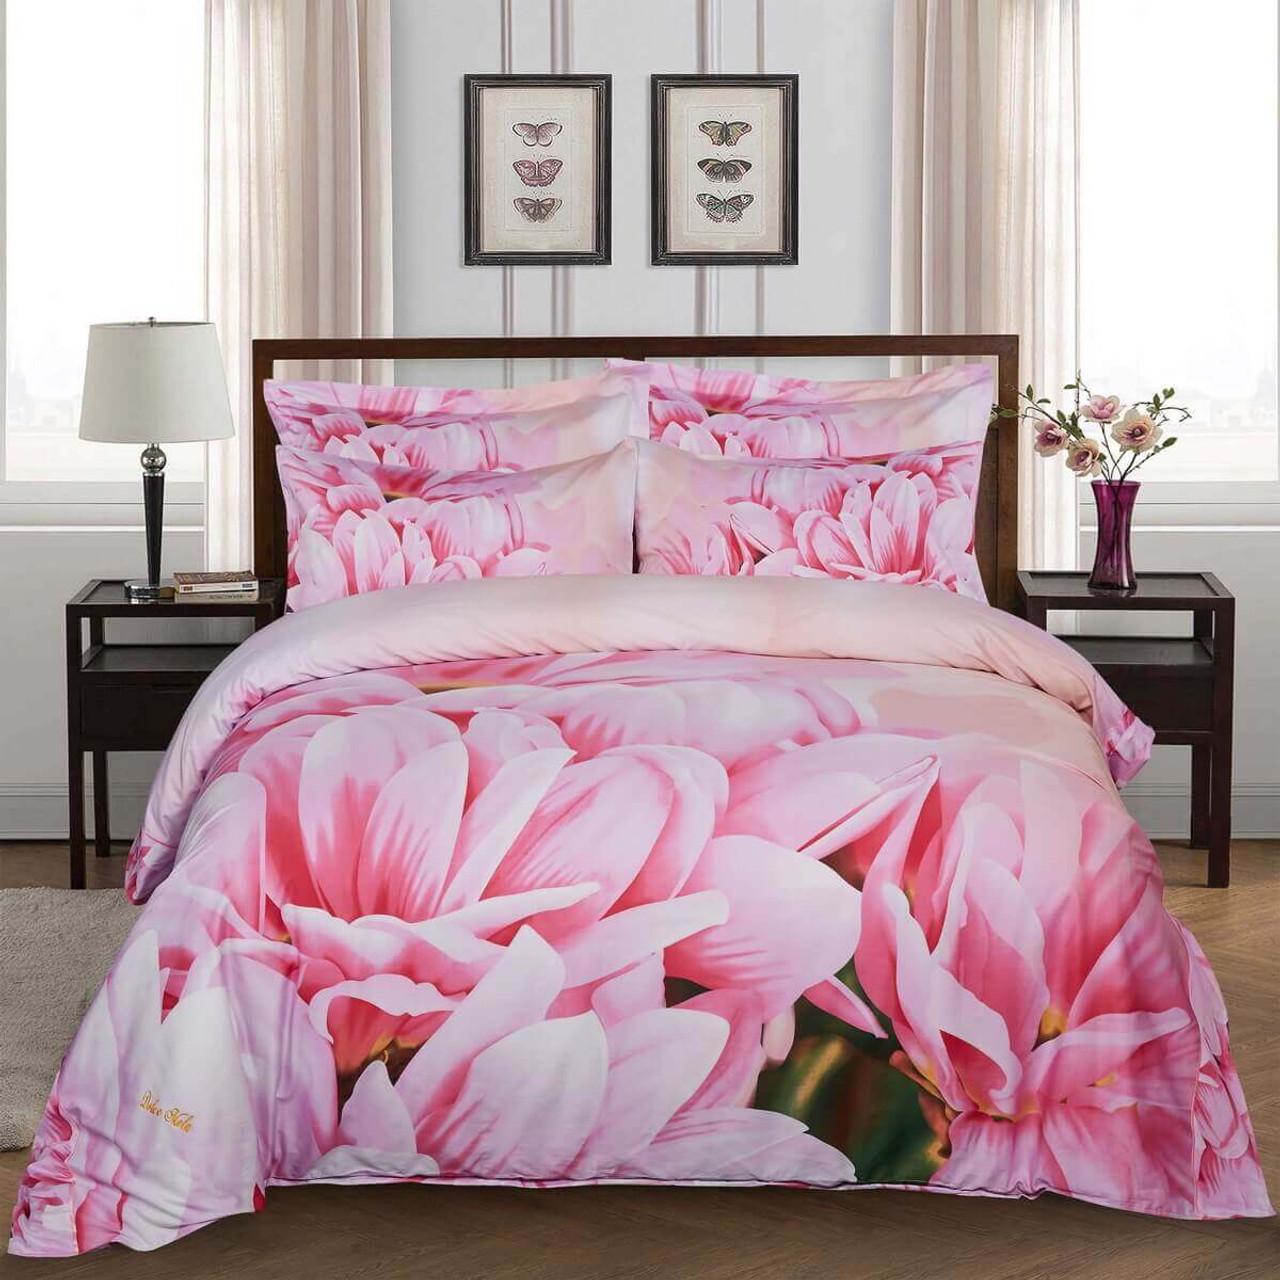 Floral King Duvet Cover Set Fitted Bedding Dolce Mela Dm701k